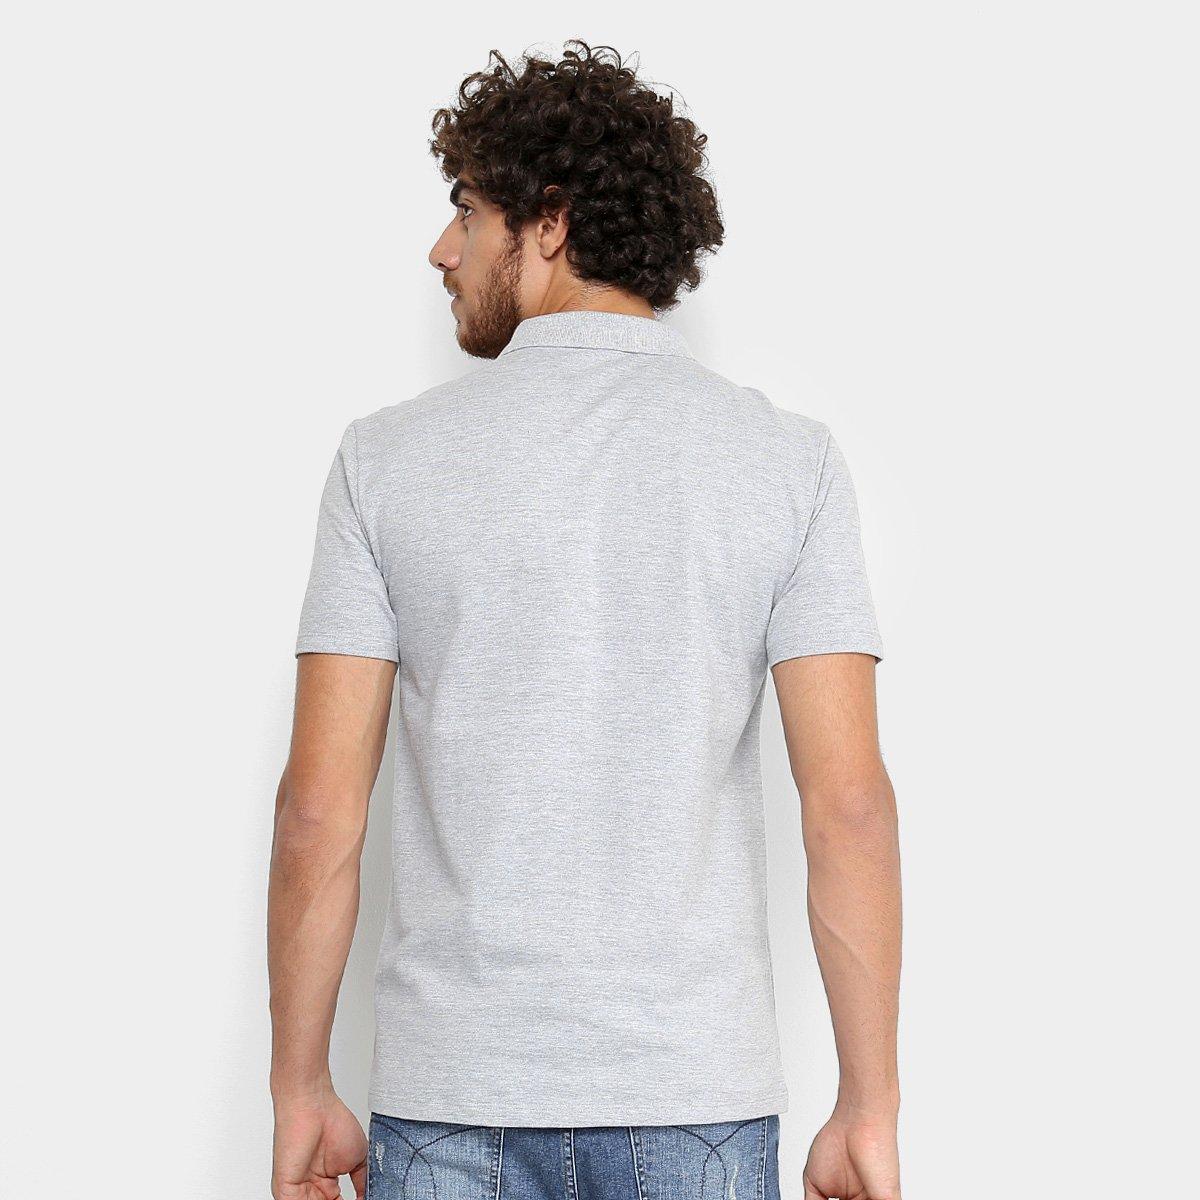 1426edfd5f Camisa Polo Calvin Klein Piquet Estampada Masculina - Mescla ...